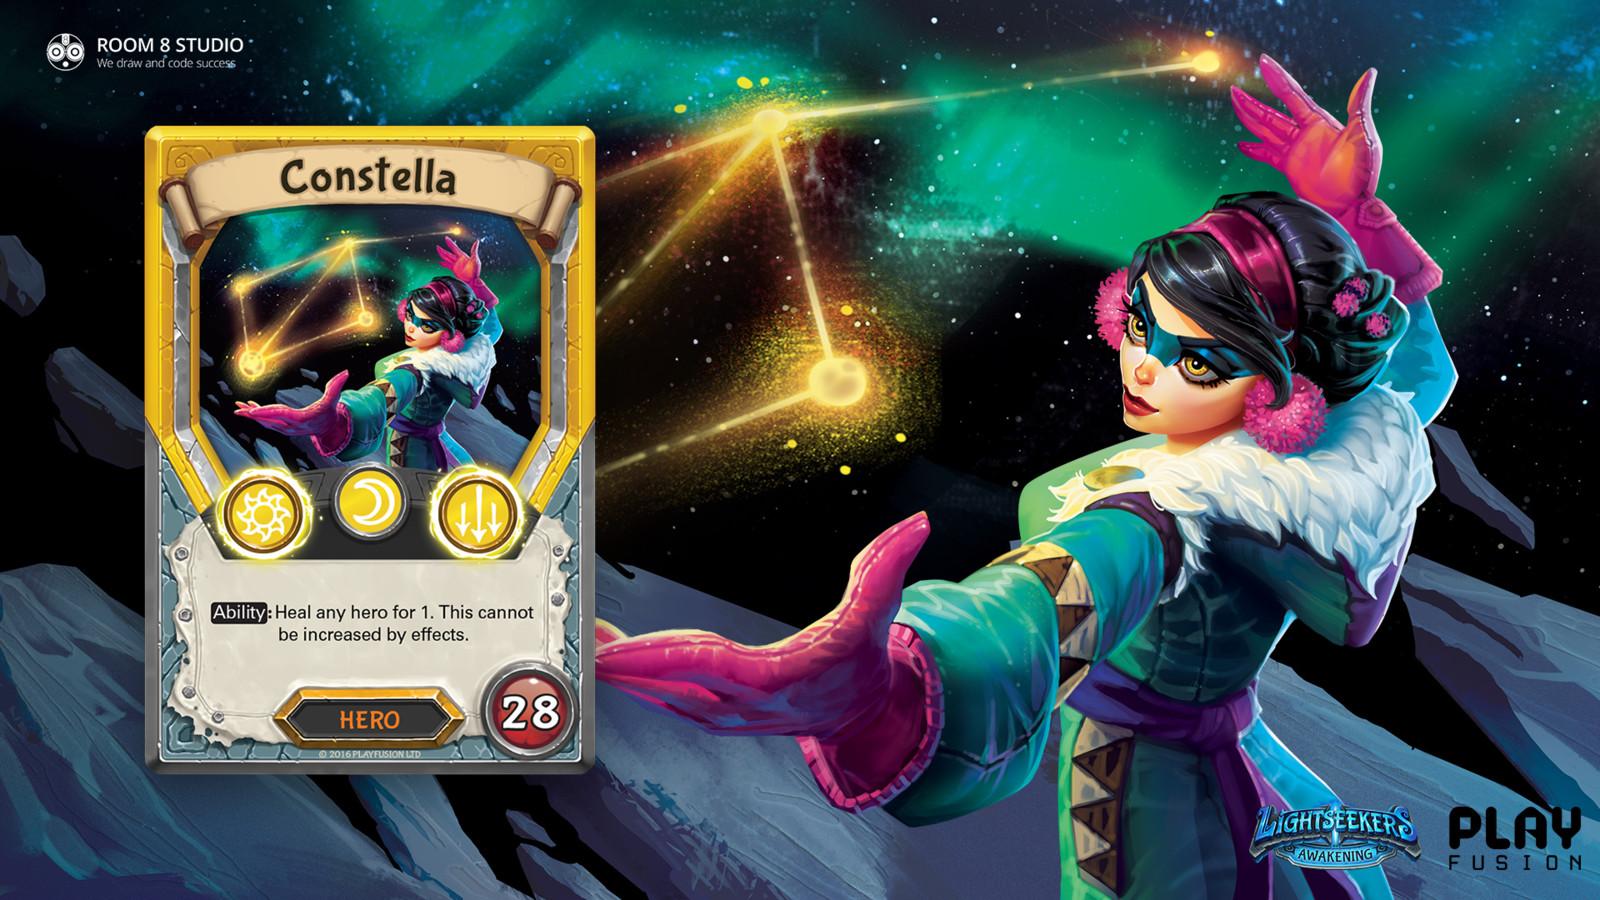 Lightseekers: Aquila